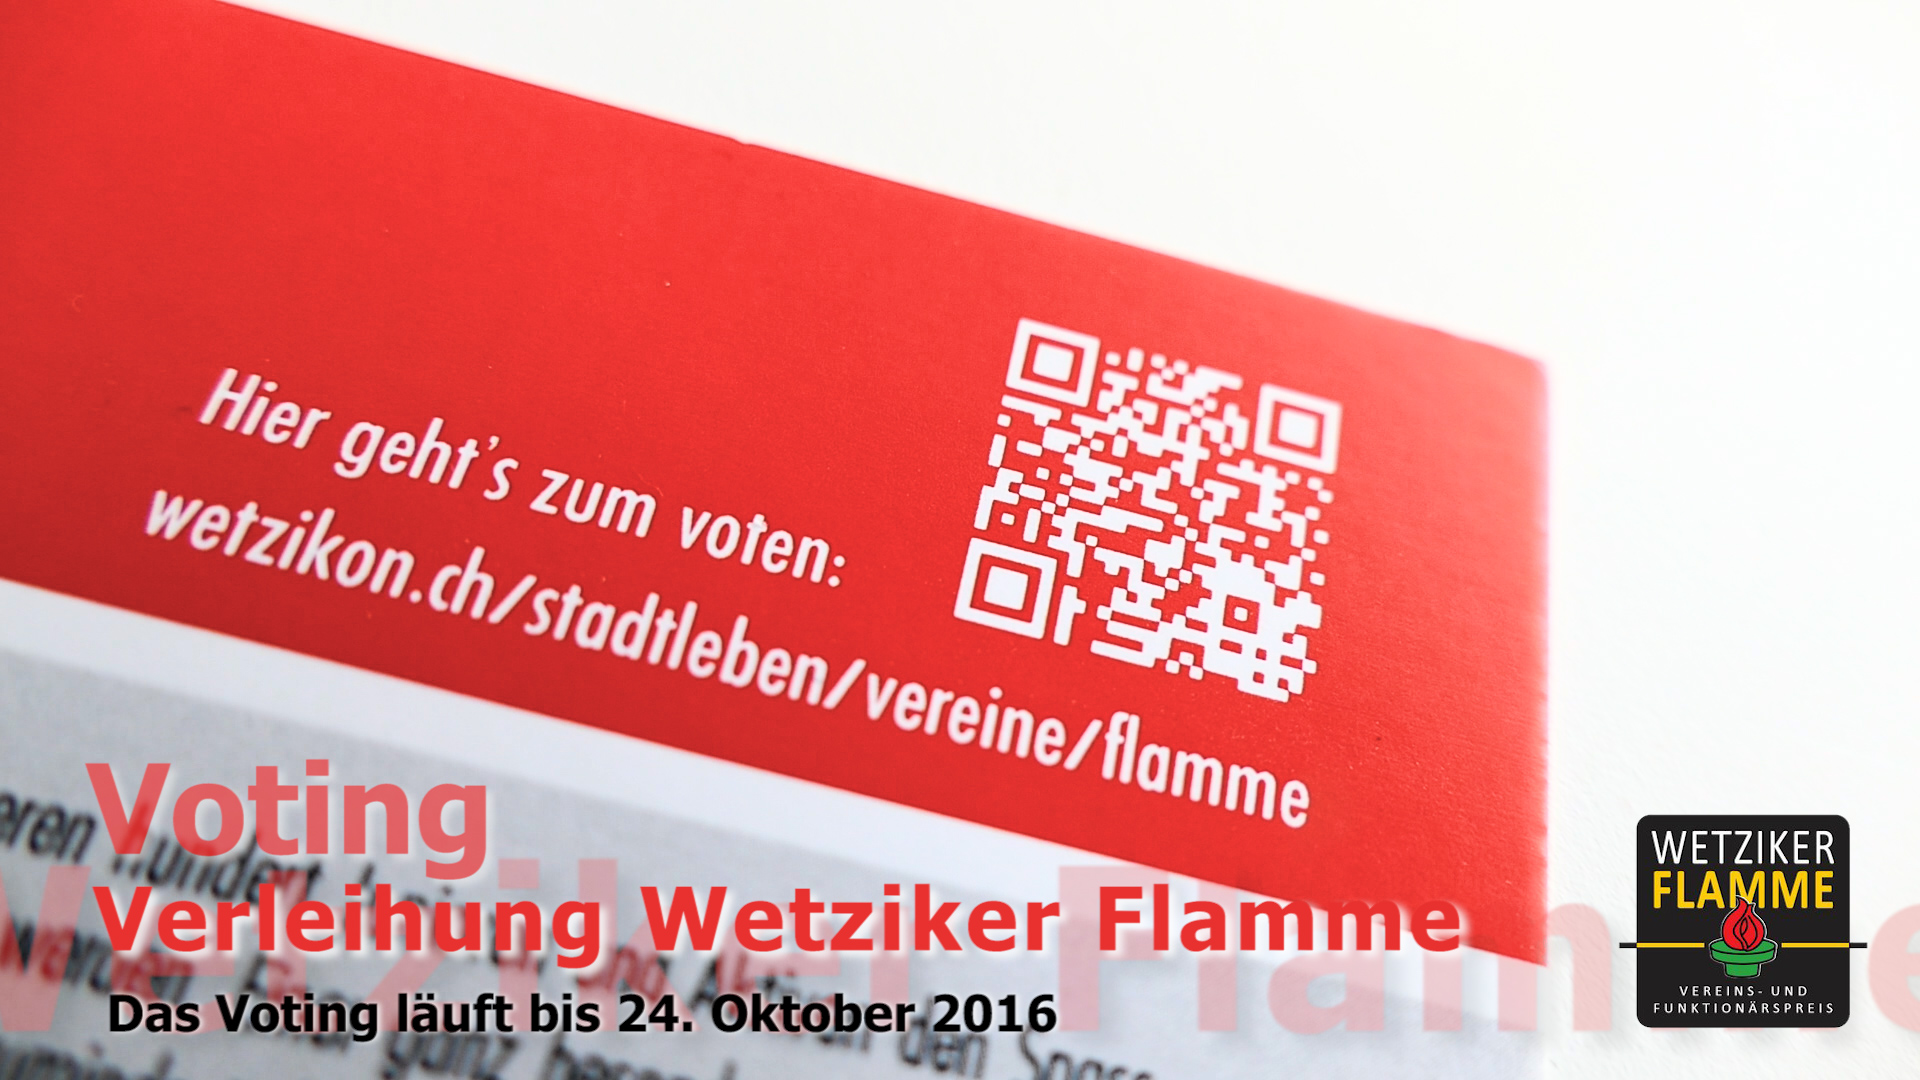 <span style=&quot;color: #000000&quot;><a href=&quot;http://www.wetzikon.ch/stadtleben/vereine/flamme&quot; target=&quot;_self&quot;><span style=&quot;color: #ffffff&quot;>Voting, Wetziker Flamme</span> </a>